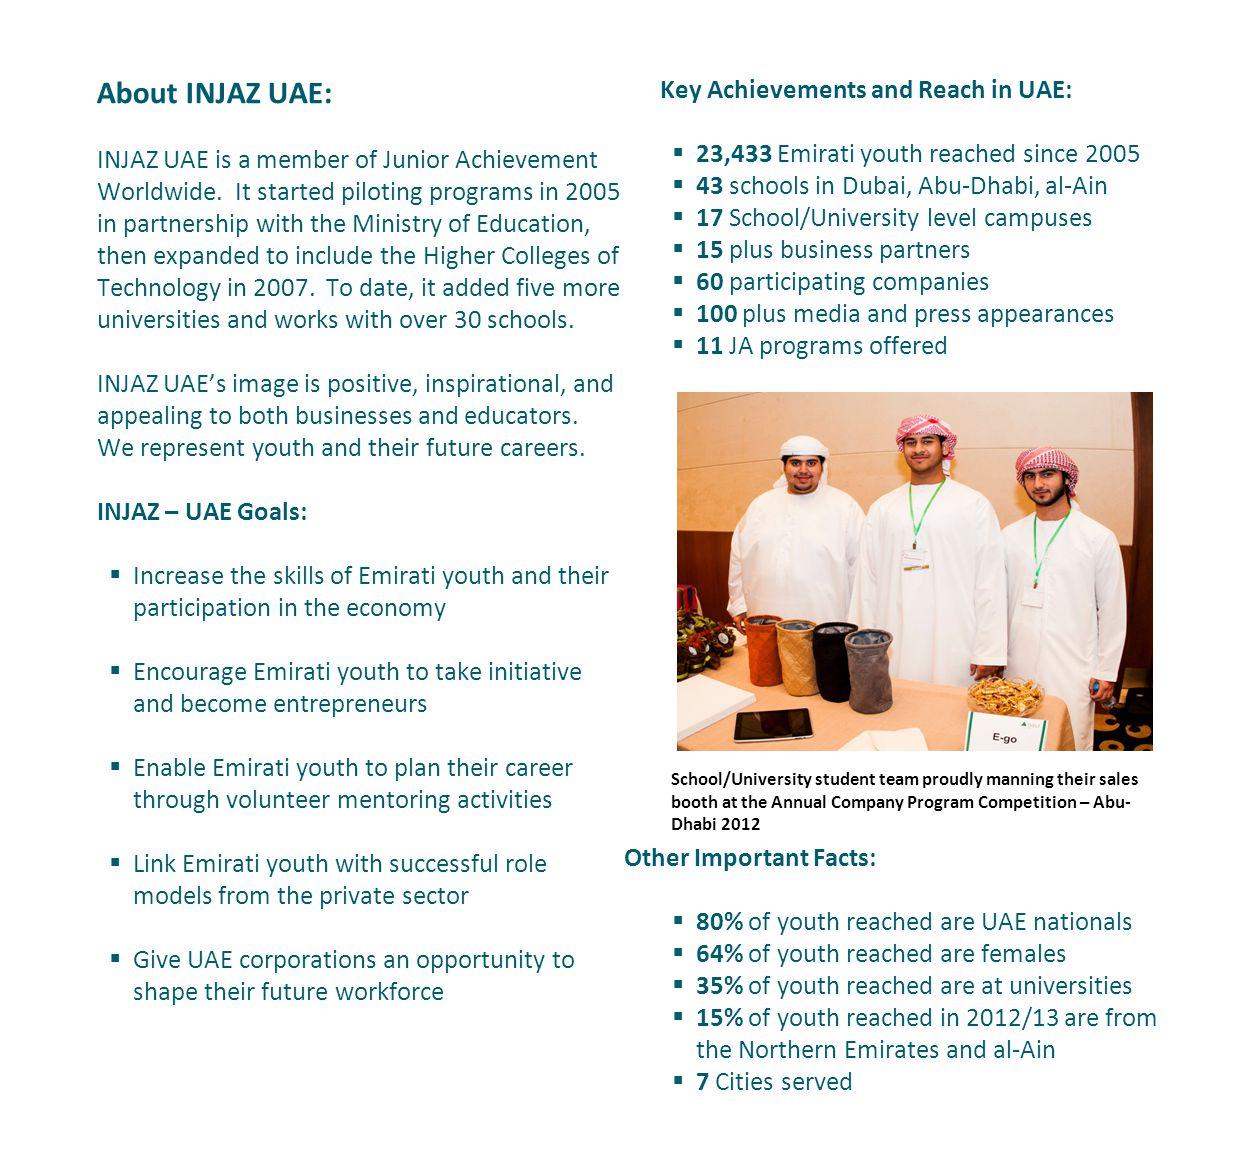 About INJAZ UAE: INJAZ UAE is a member of Junior Achievement Worldwide.